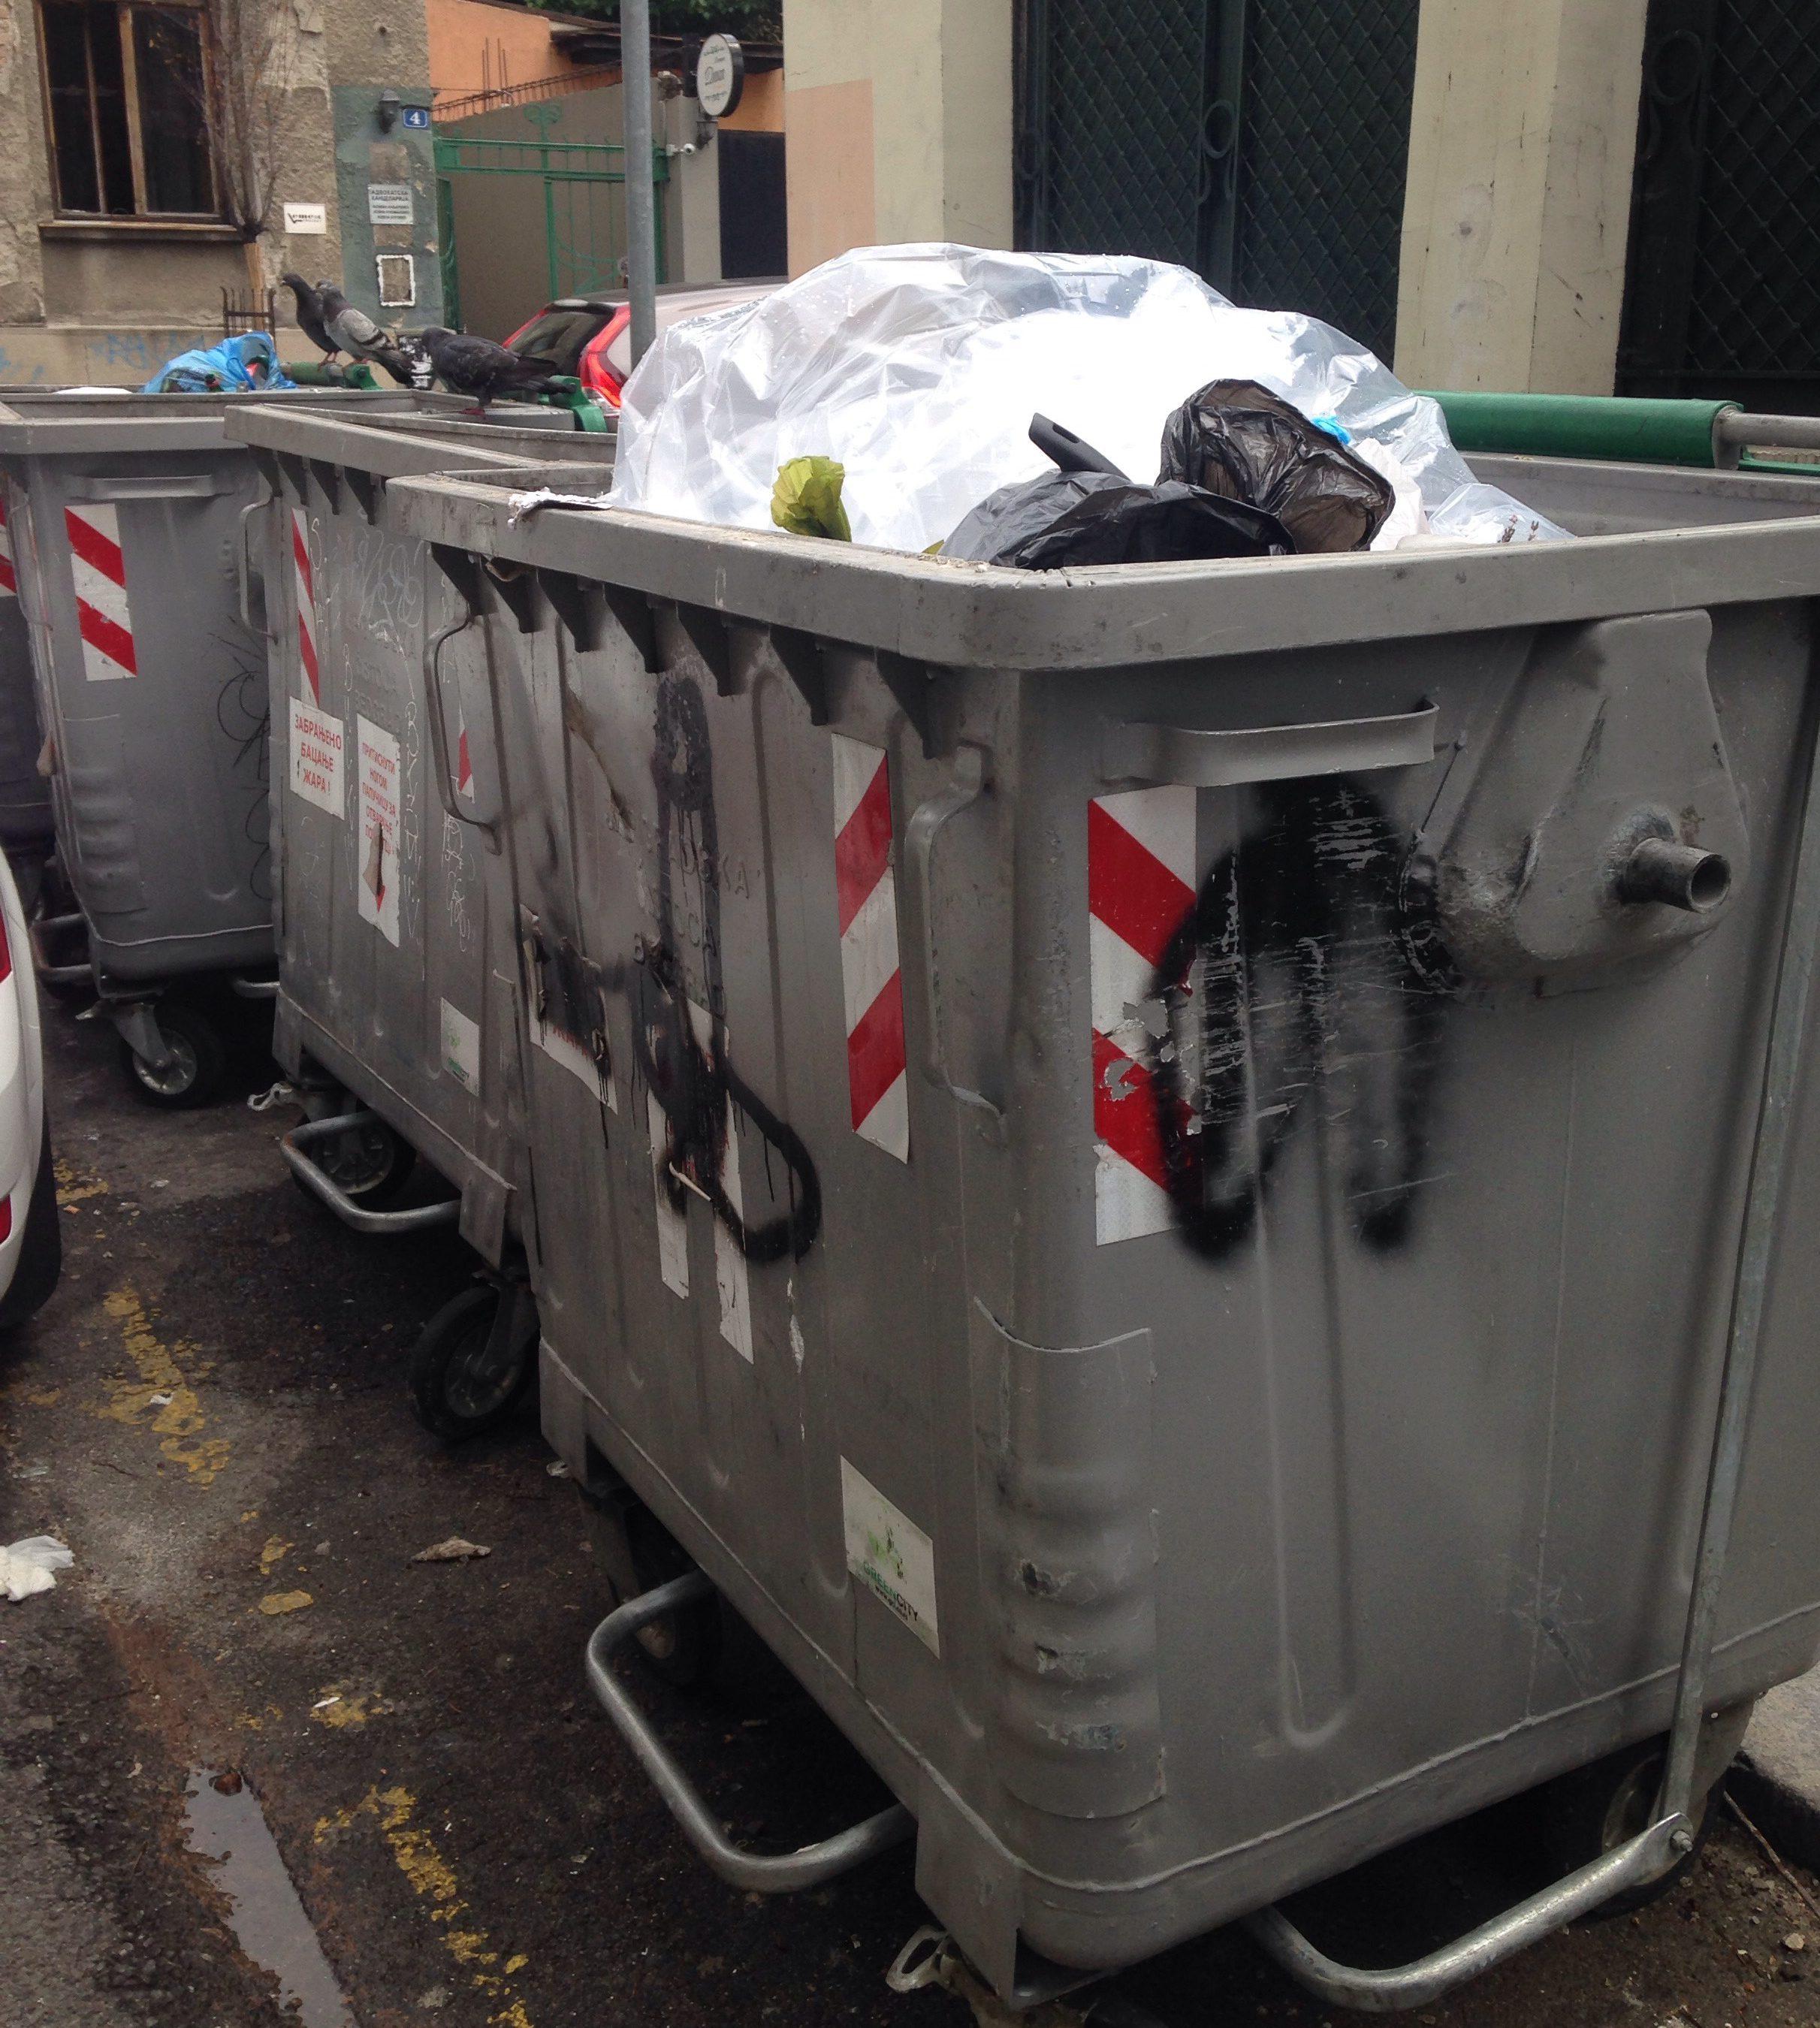 Myös verkkokauppa tuottaa jätettä.